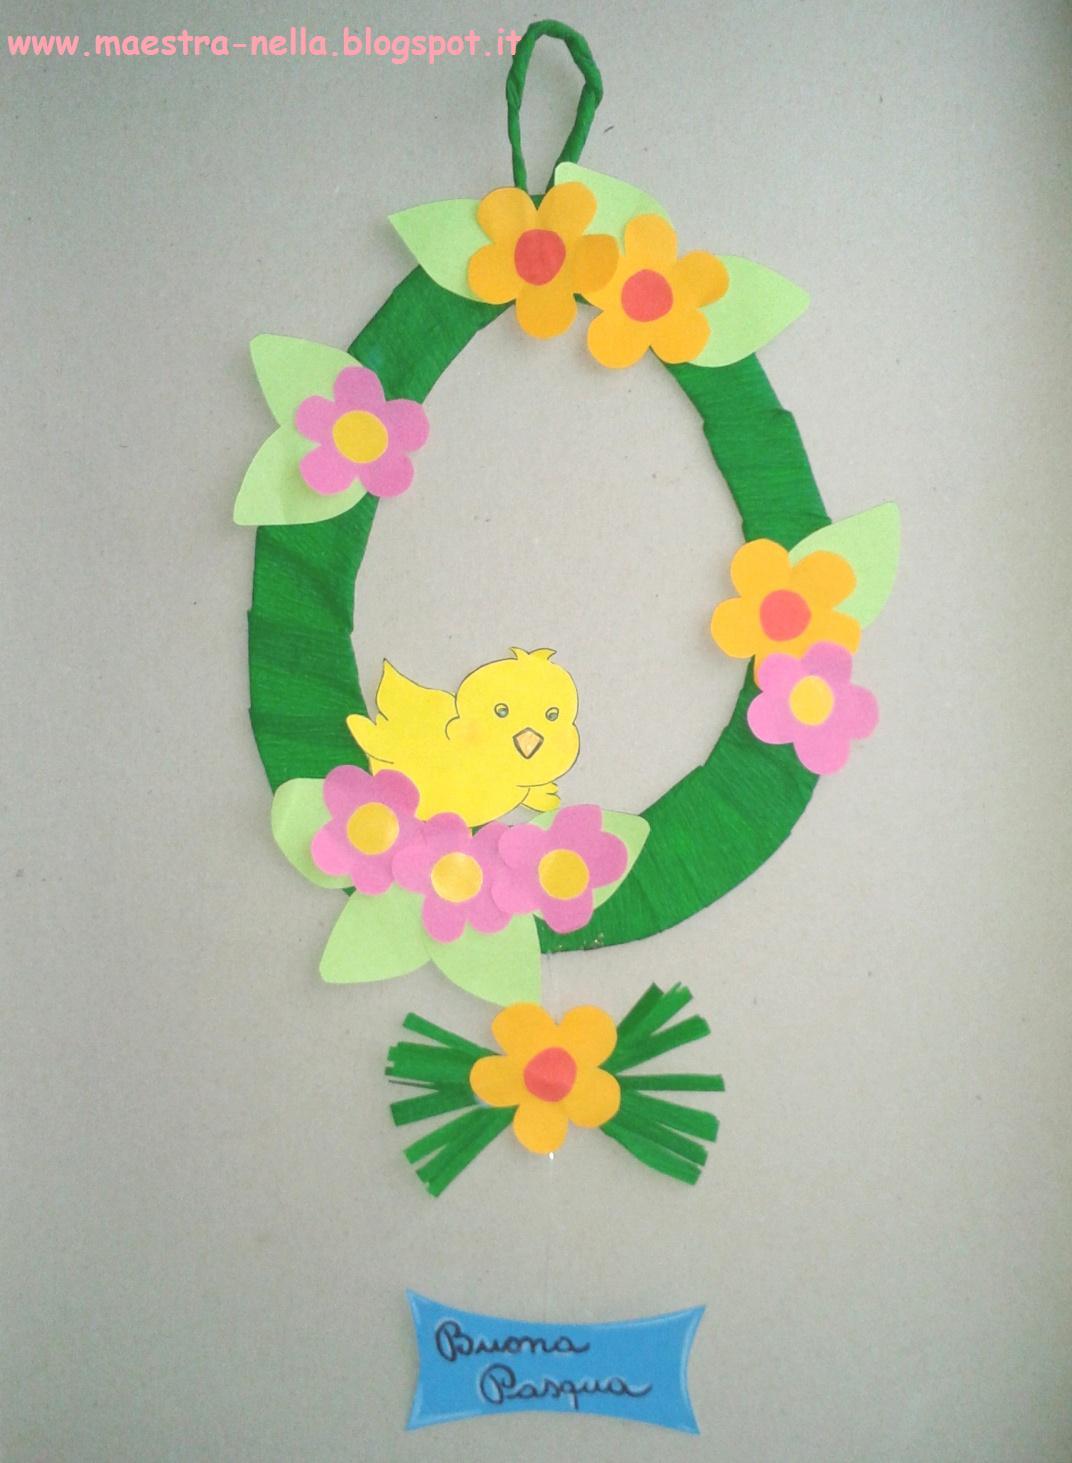 Maestra nella decorazione pasquale for Maestra infanzia